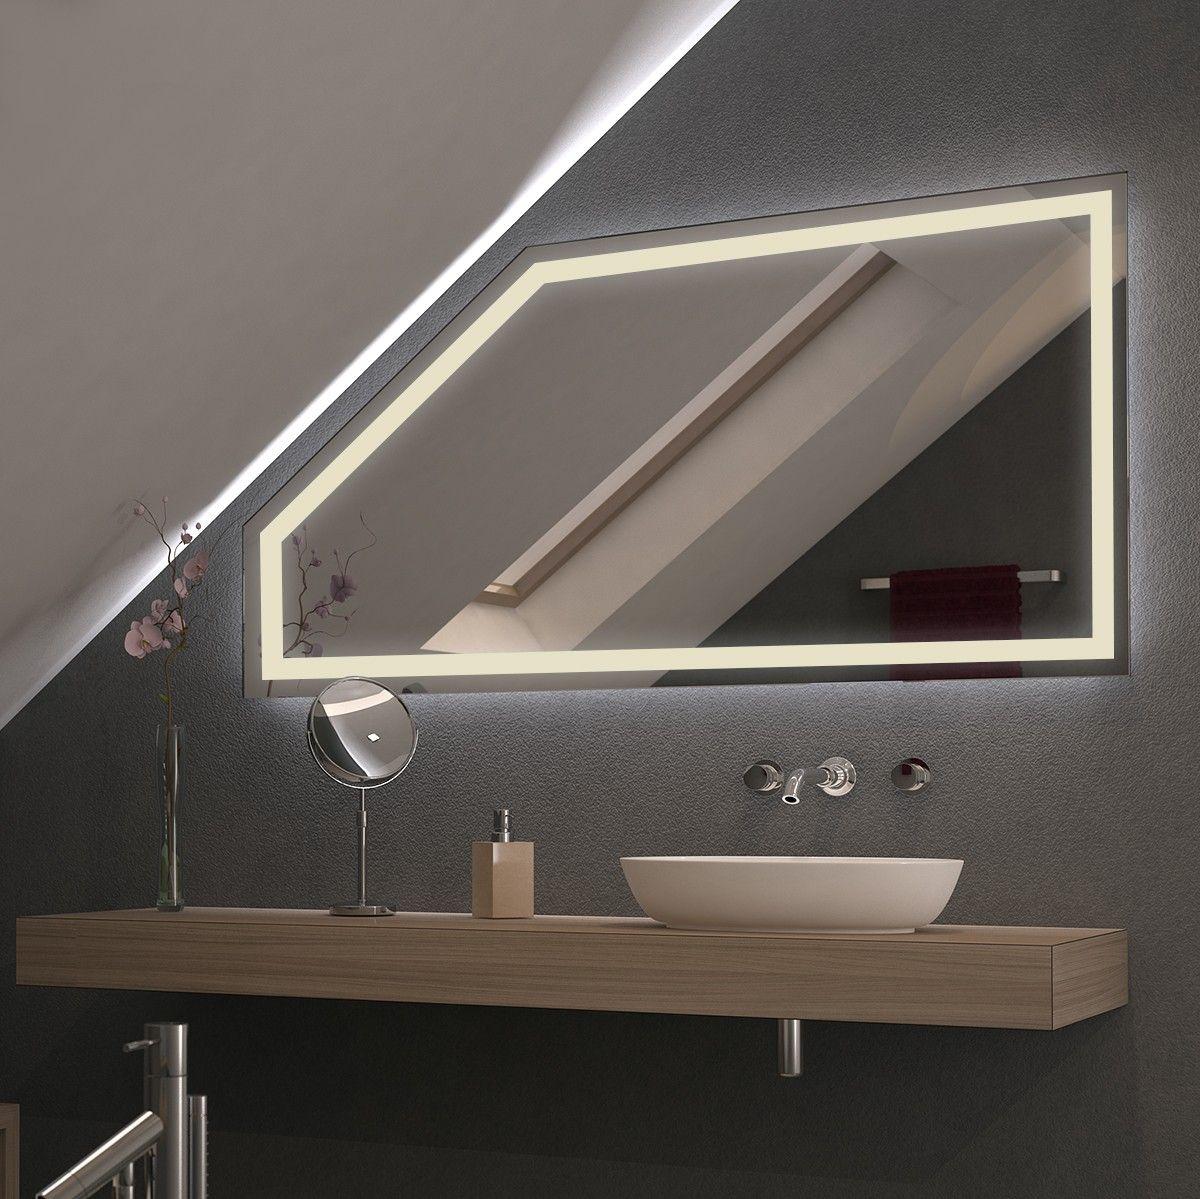 Spiegel Fur Dachschragen Mit Led Beleuchtung Fiola Badezimmer Dachschrage Badezimmer Mit Schrage Beleuchtung Dachschrage